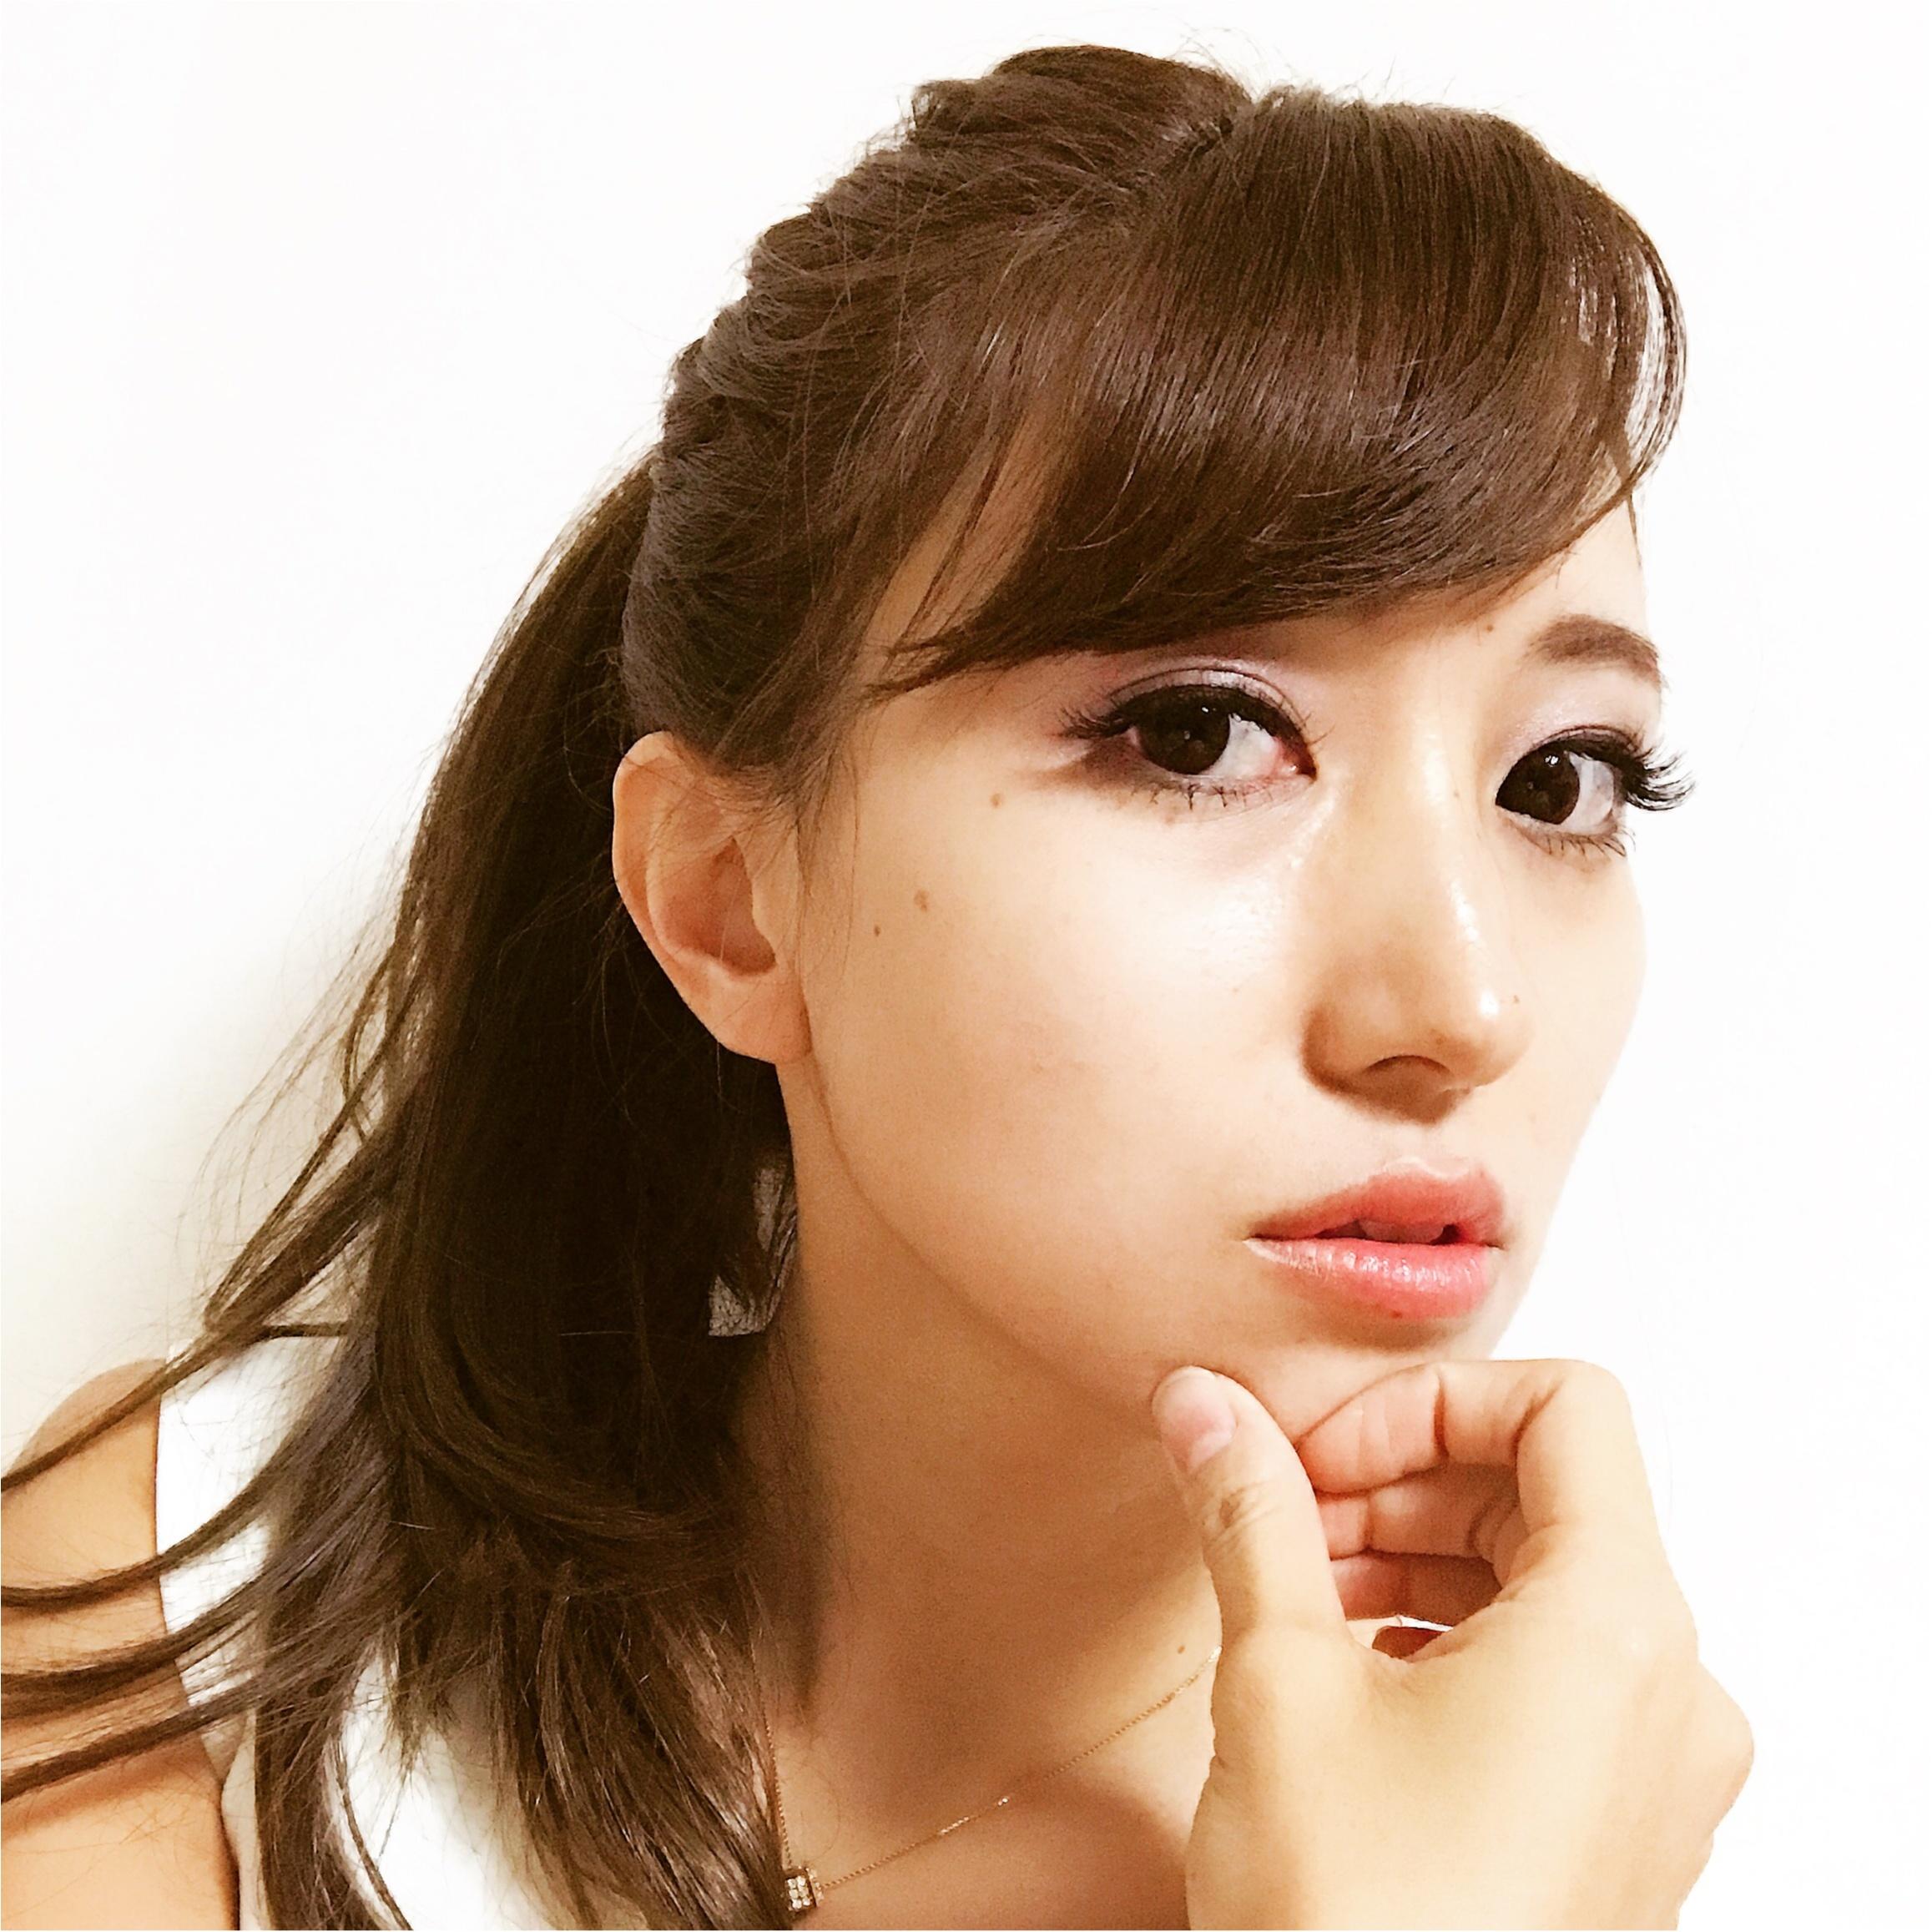 私流【ふわっと前髪♡】_3